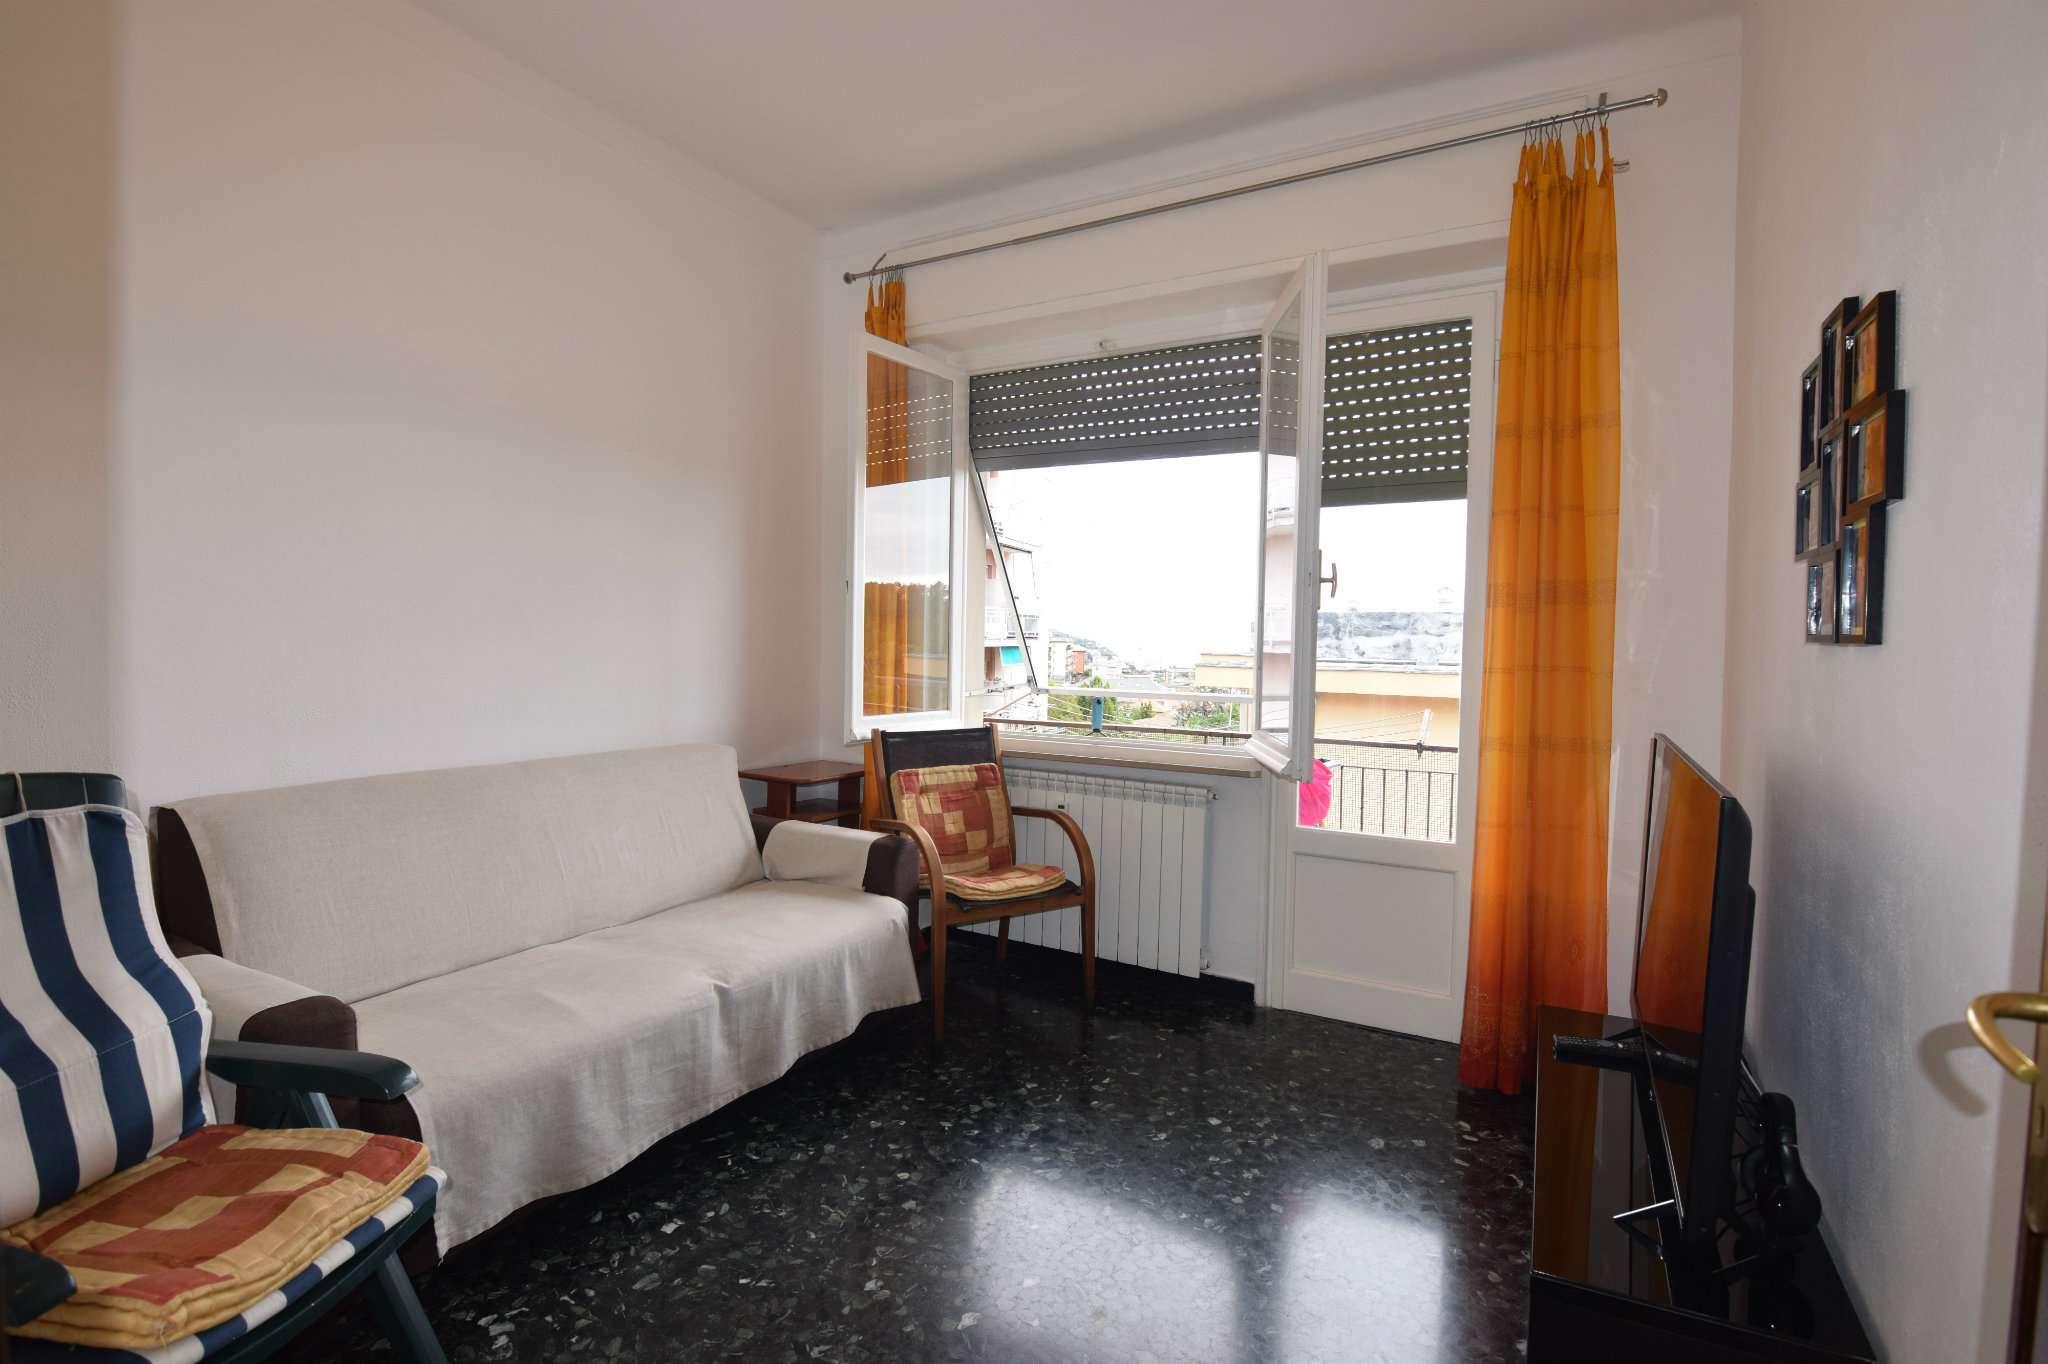 Appartamento in vendita a Arenzano, 3 locali, prezzo € 170.000 | CambioCasa.it